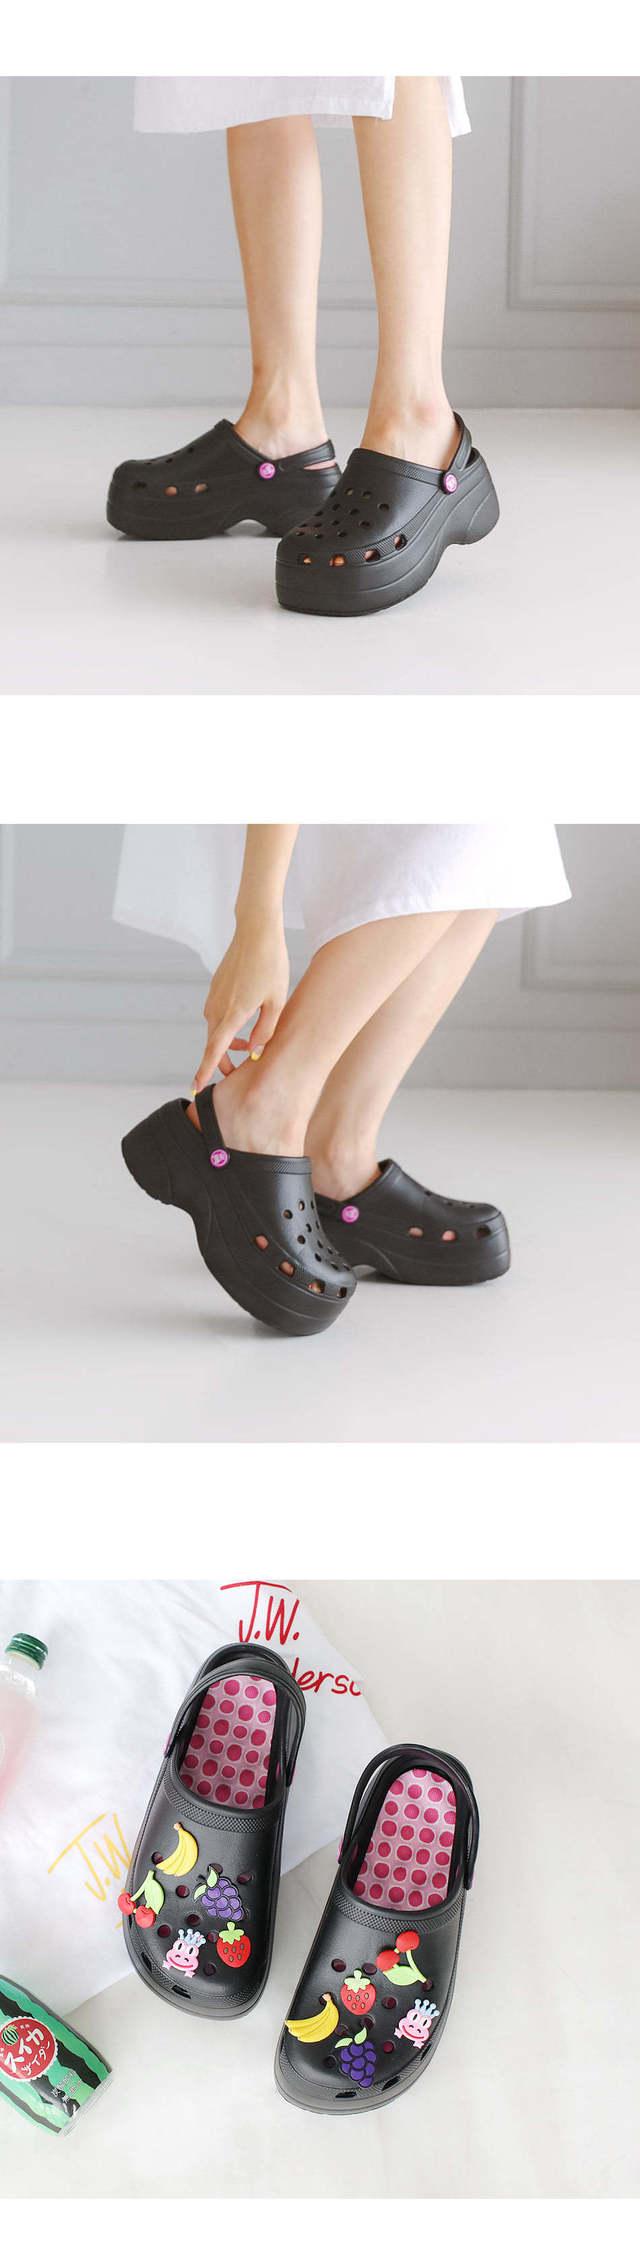 Fleurs Tongue Aqua Sandals 5cm